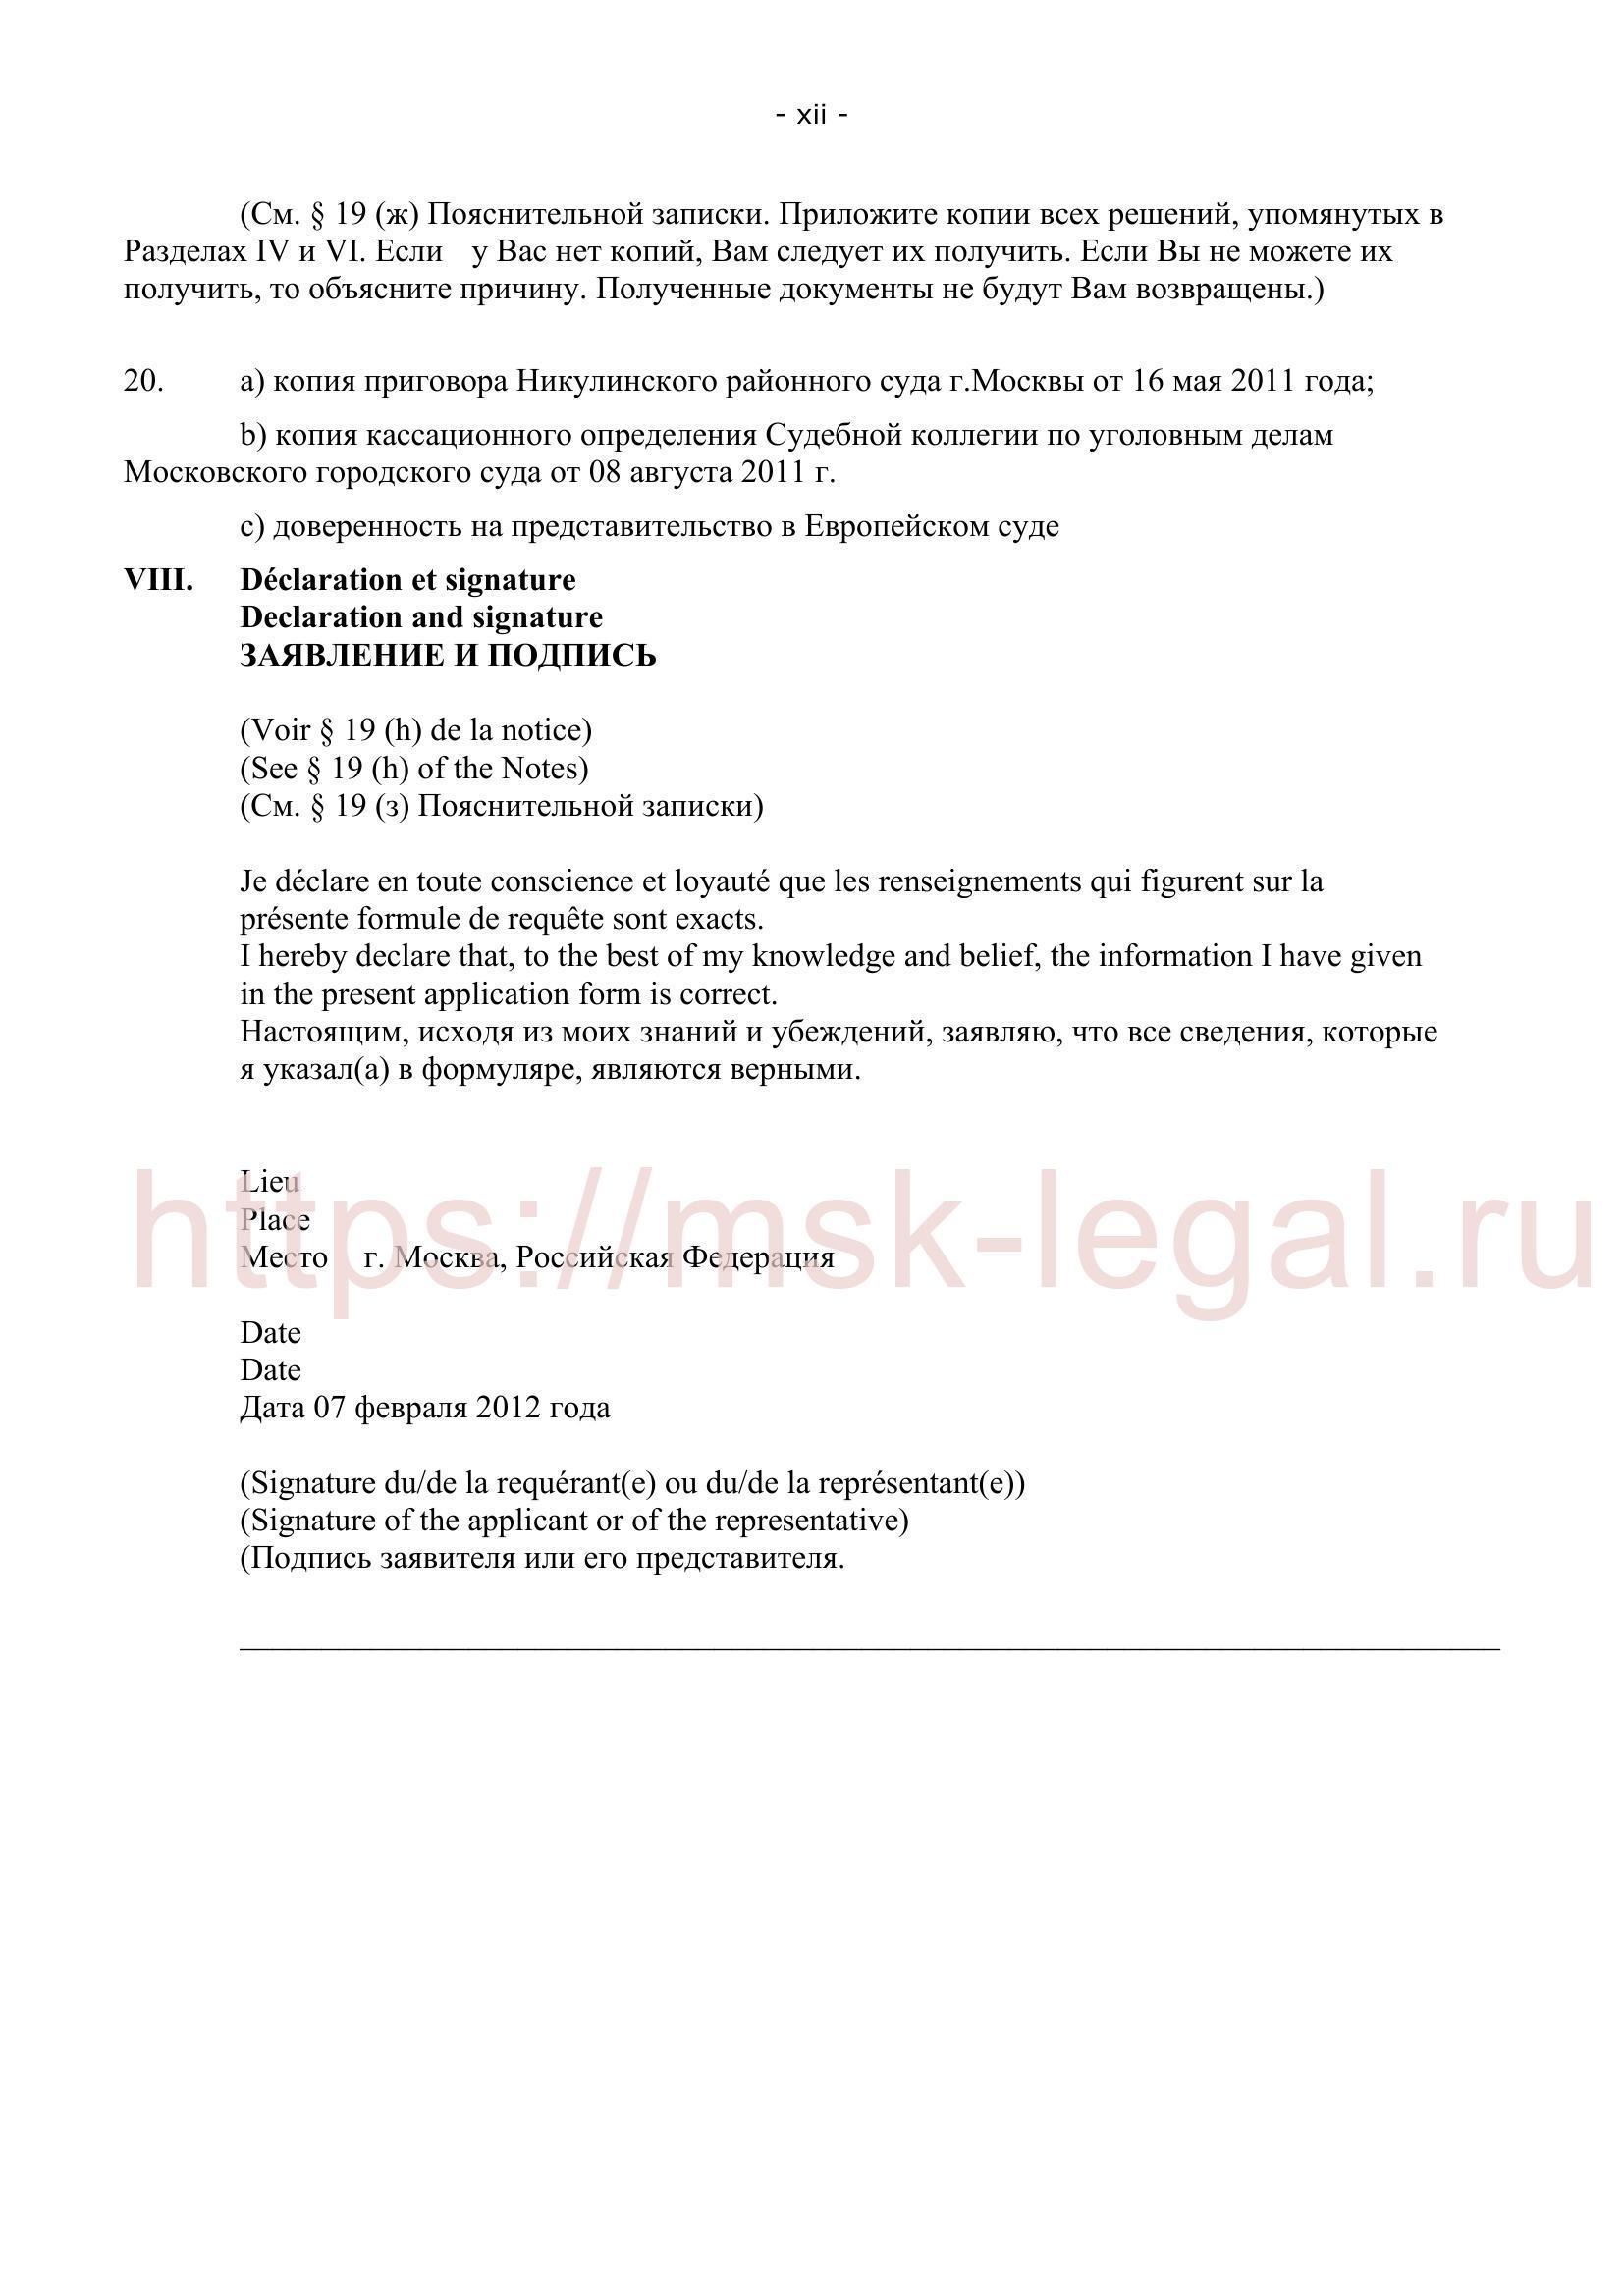 Жалоба в Европейский суд по делу об убийстве, ч.1 ст.105 УК РФ